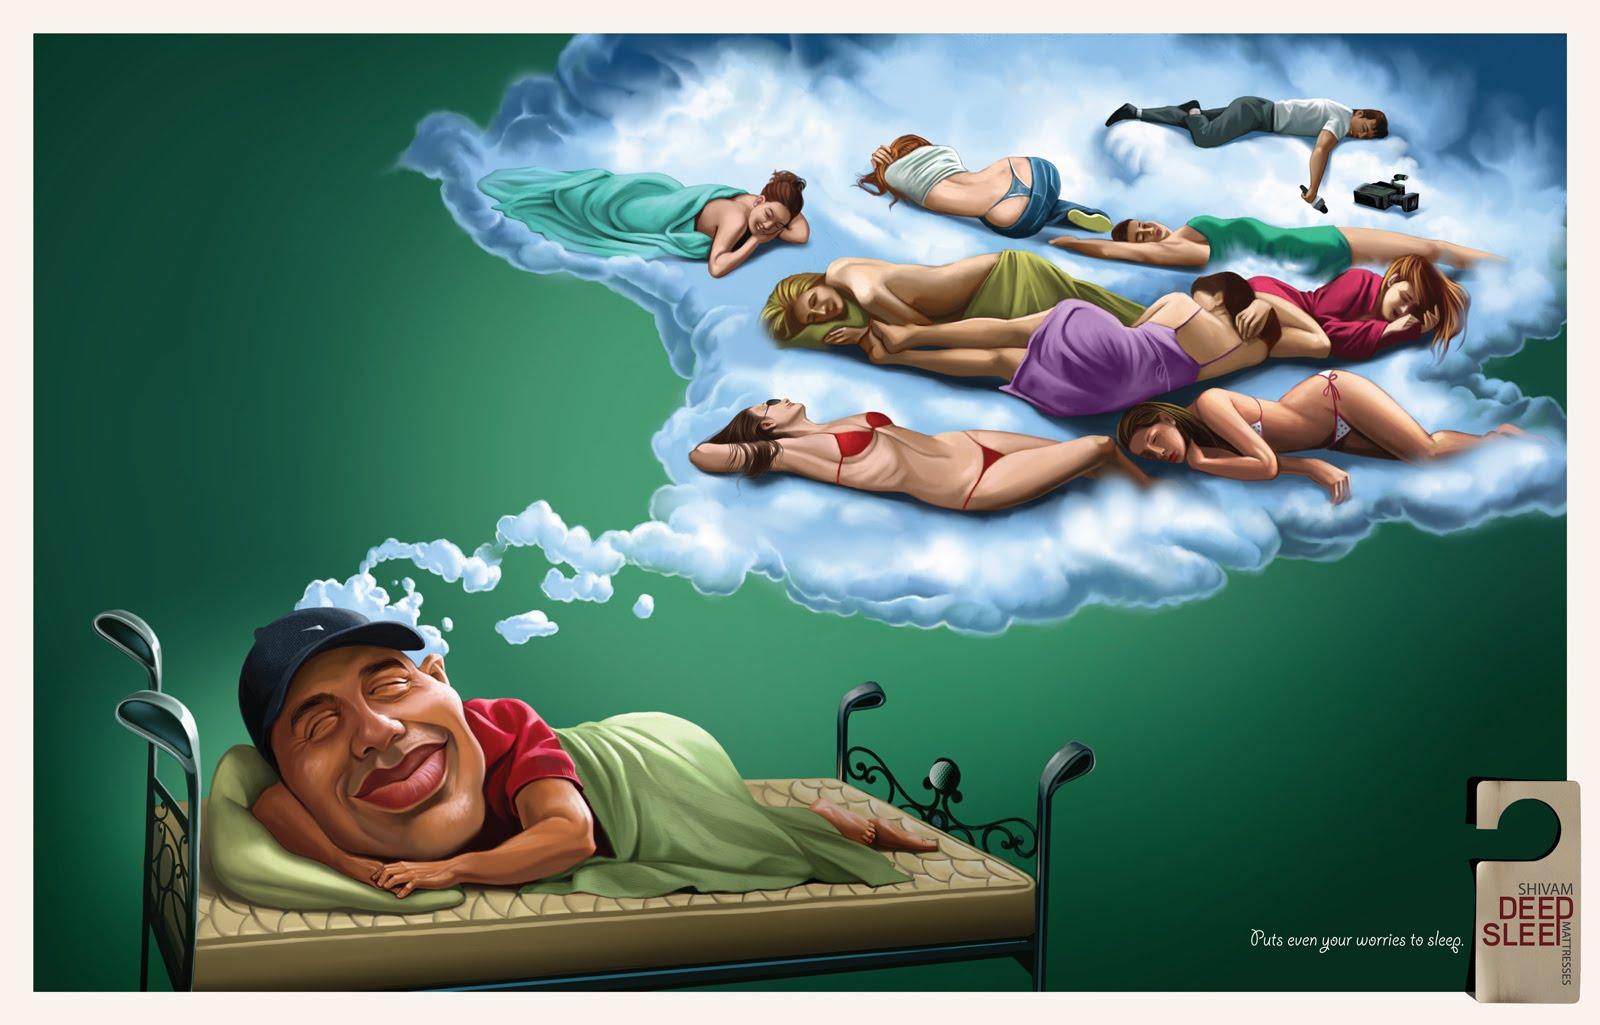 http://3.bp.blogspot.com/_EKeRu2RiLJc/TU2OSHD3m9I/AAAAAAAAROc/WR0uh-nQUkA/s1600/deep-sleep-final-01.jpg